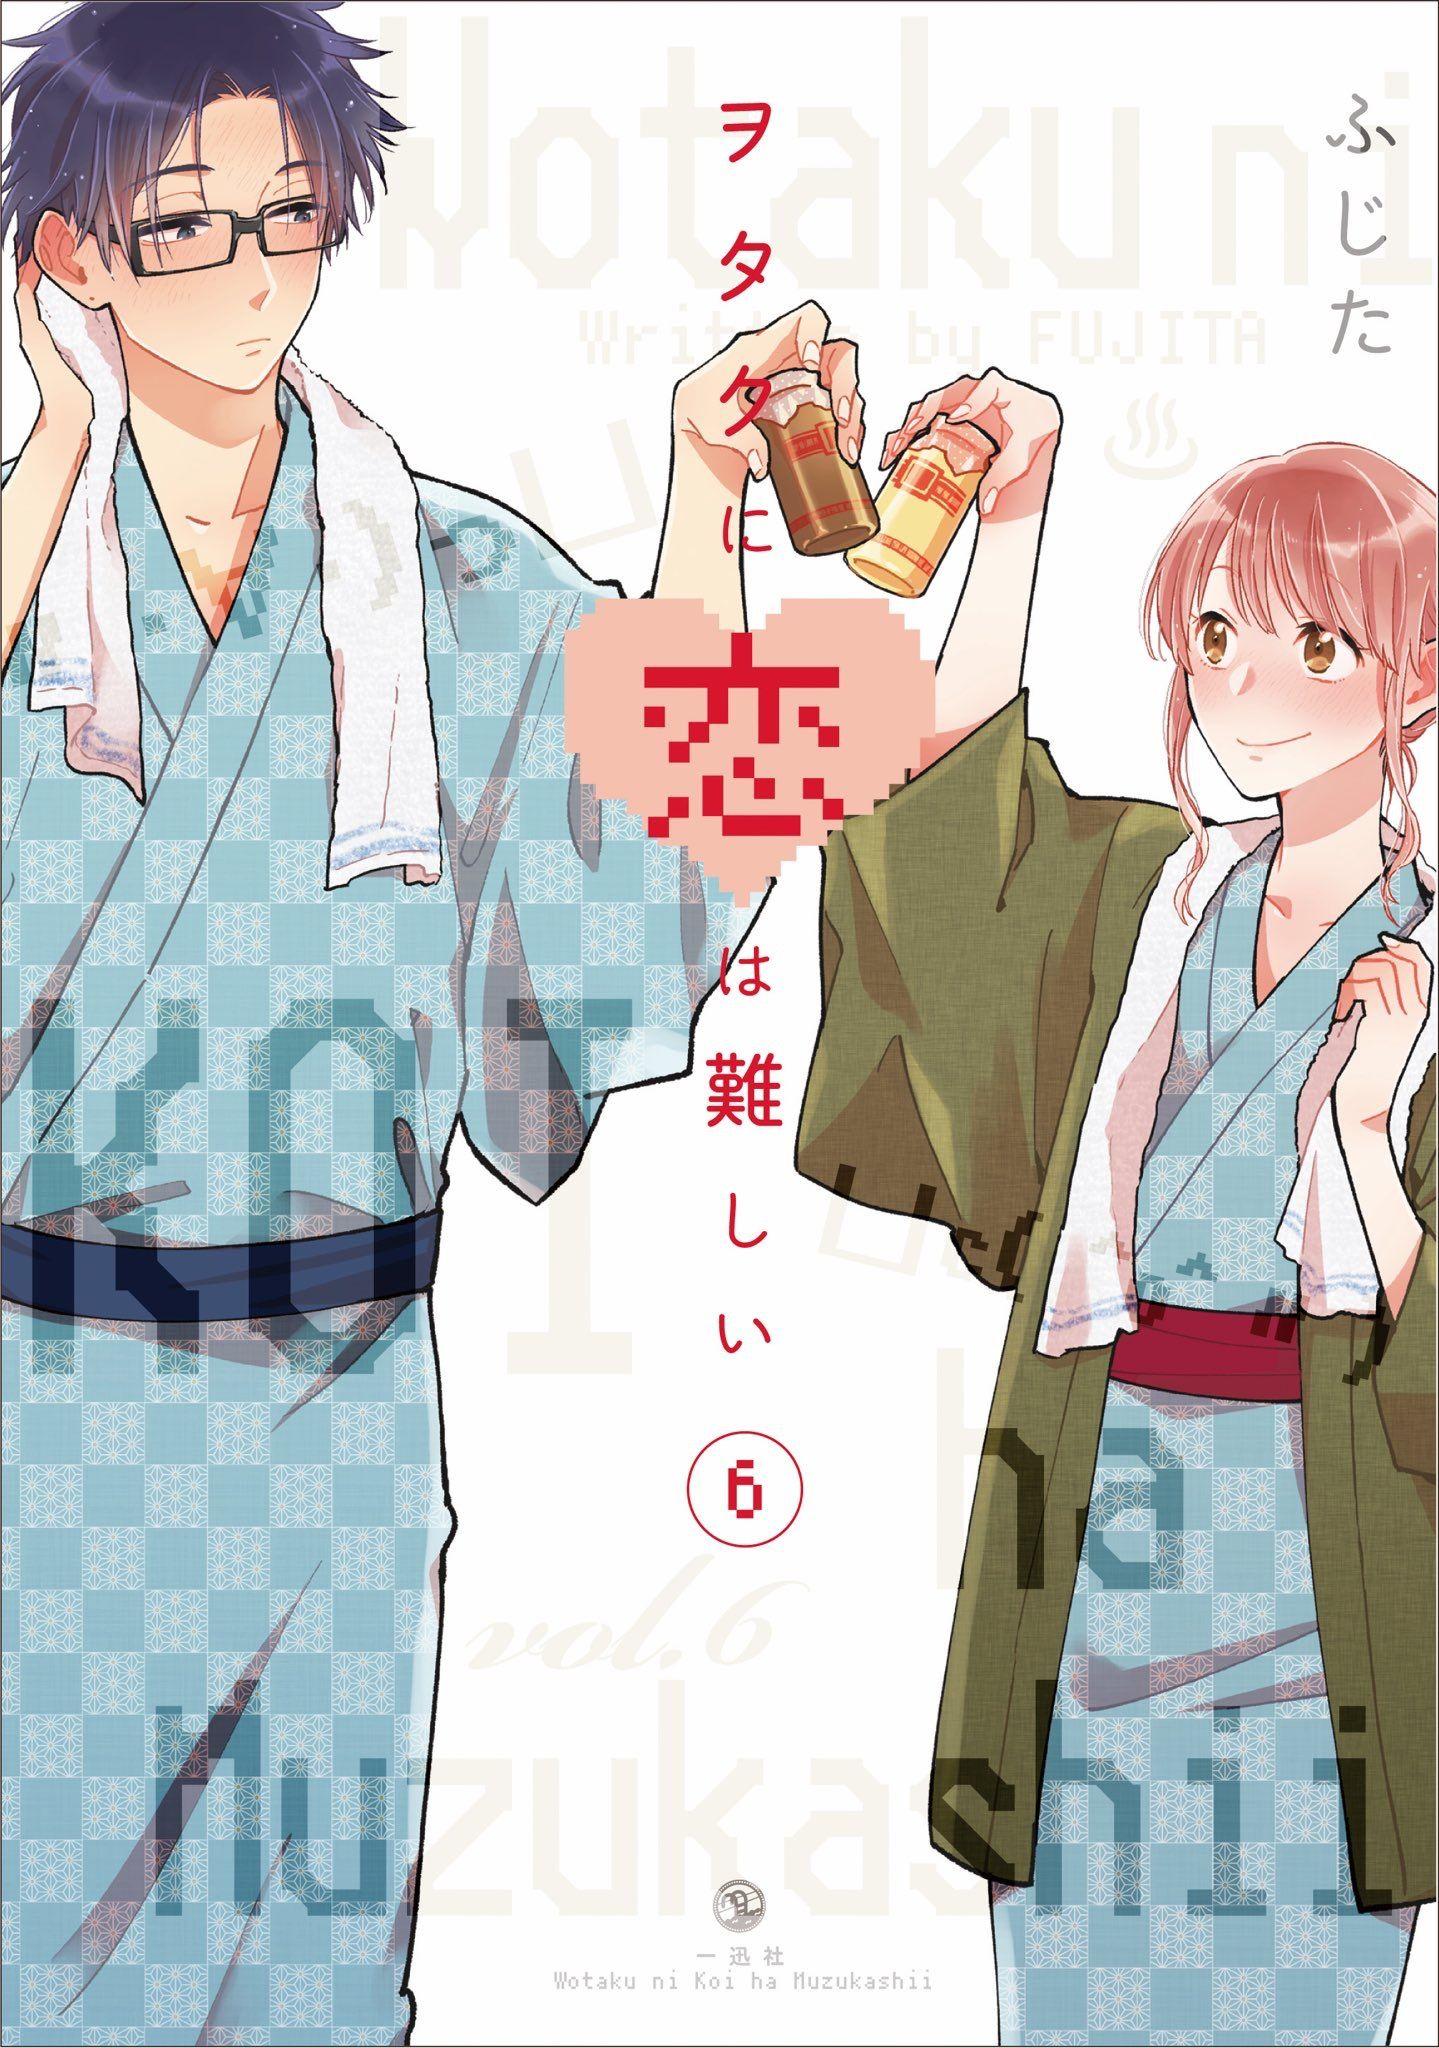 Wotaku ni koi wa muzukashii